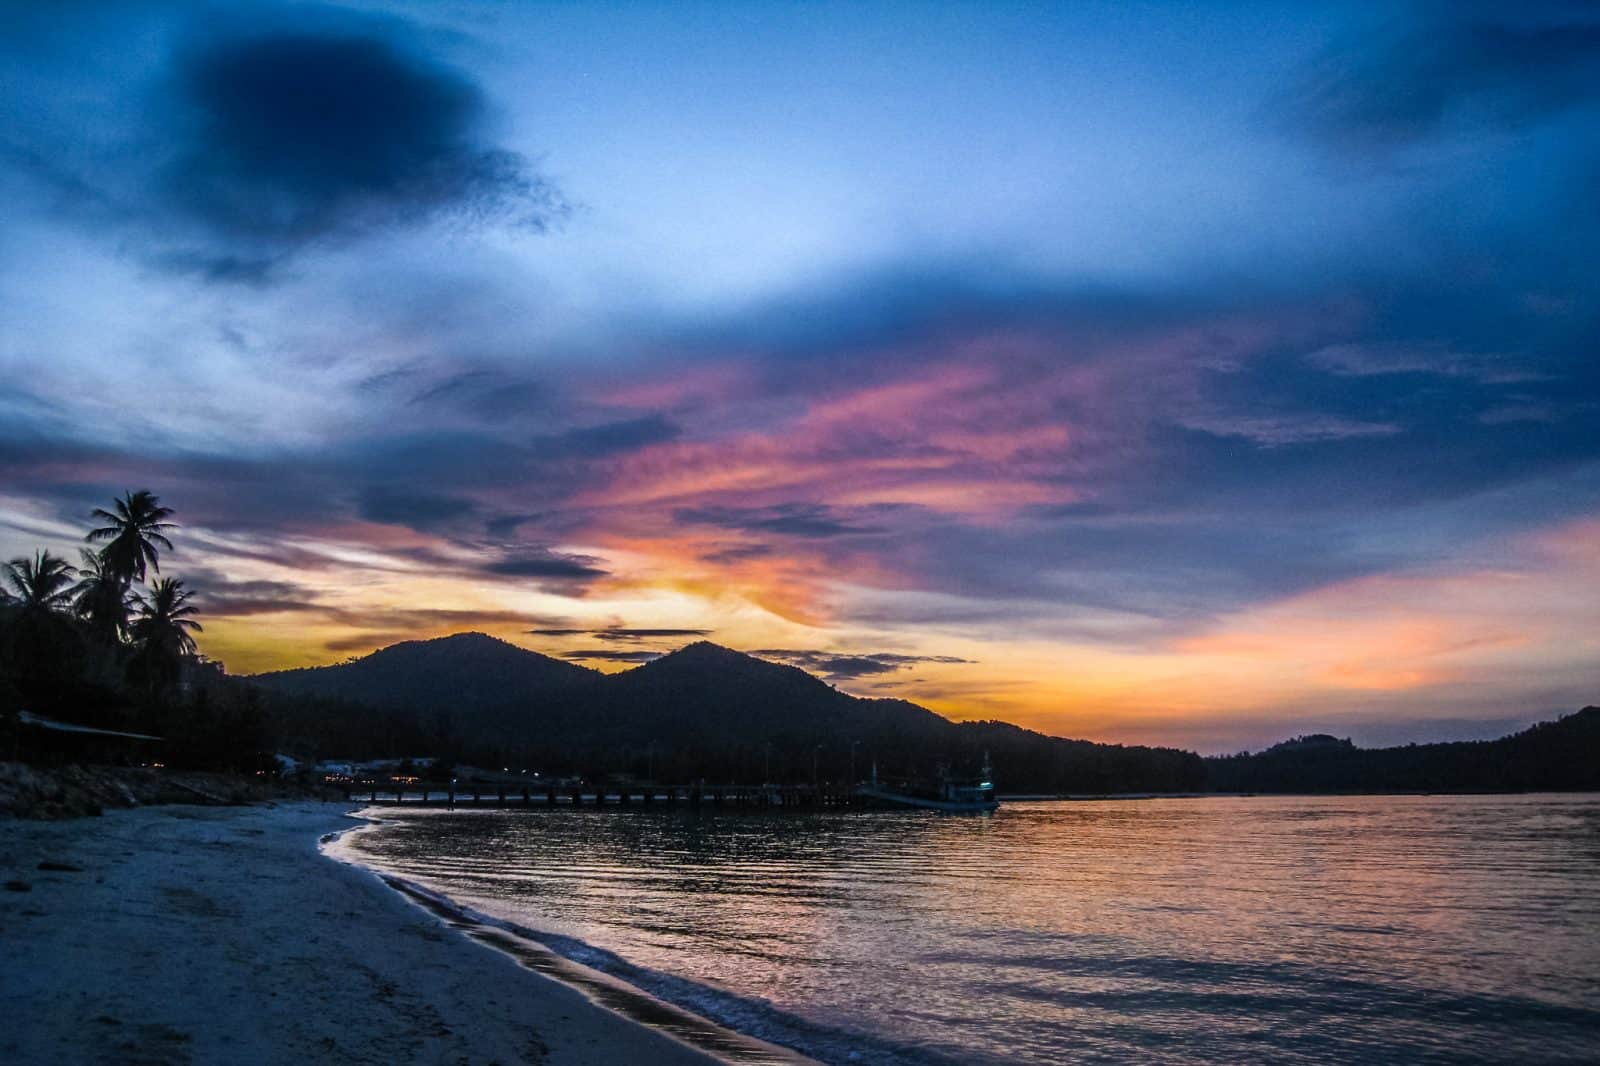 Sunset on Koh Phangan, Thailand